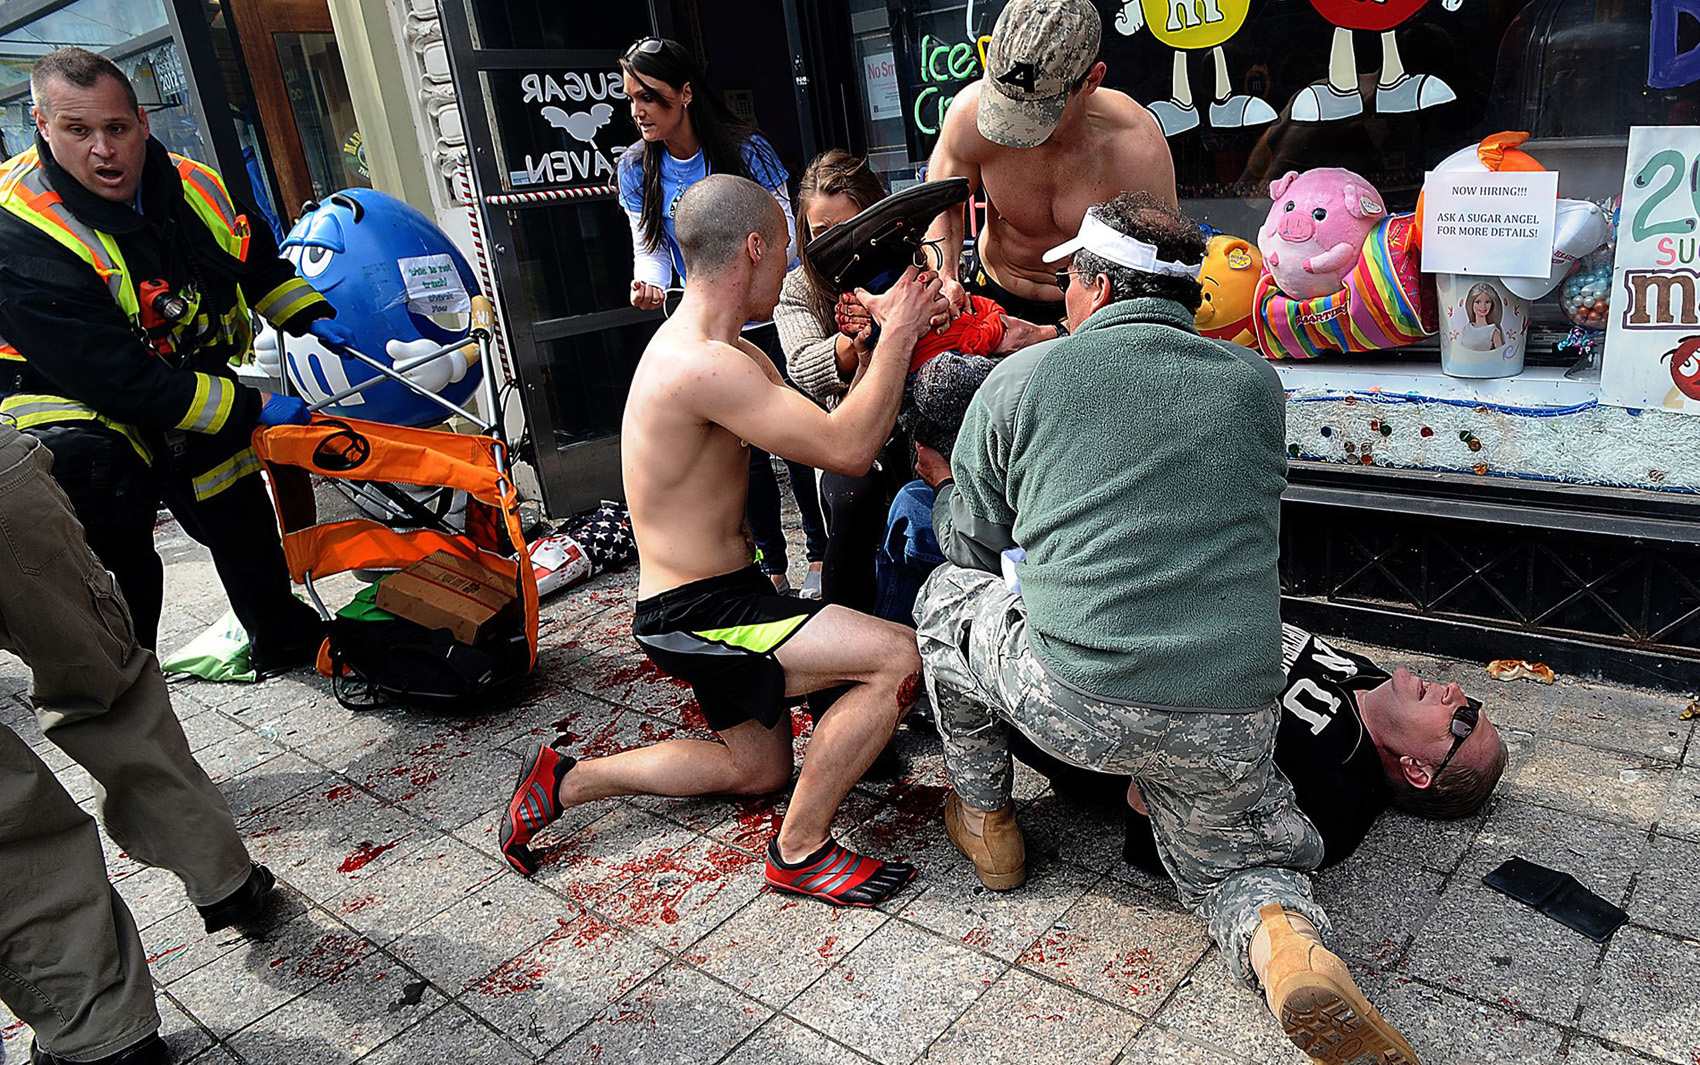 Pessoas ajudam nos primeiros socorros depois da explosão em Boston.